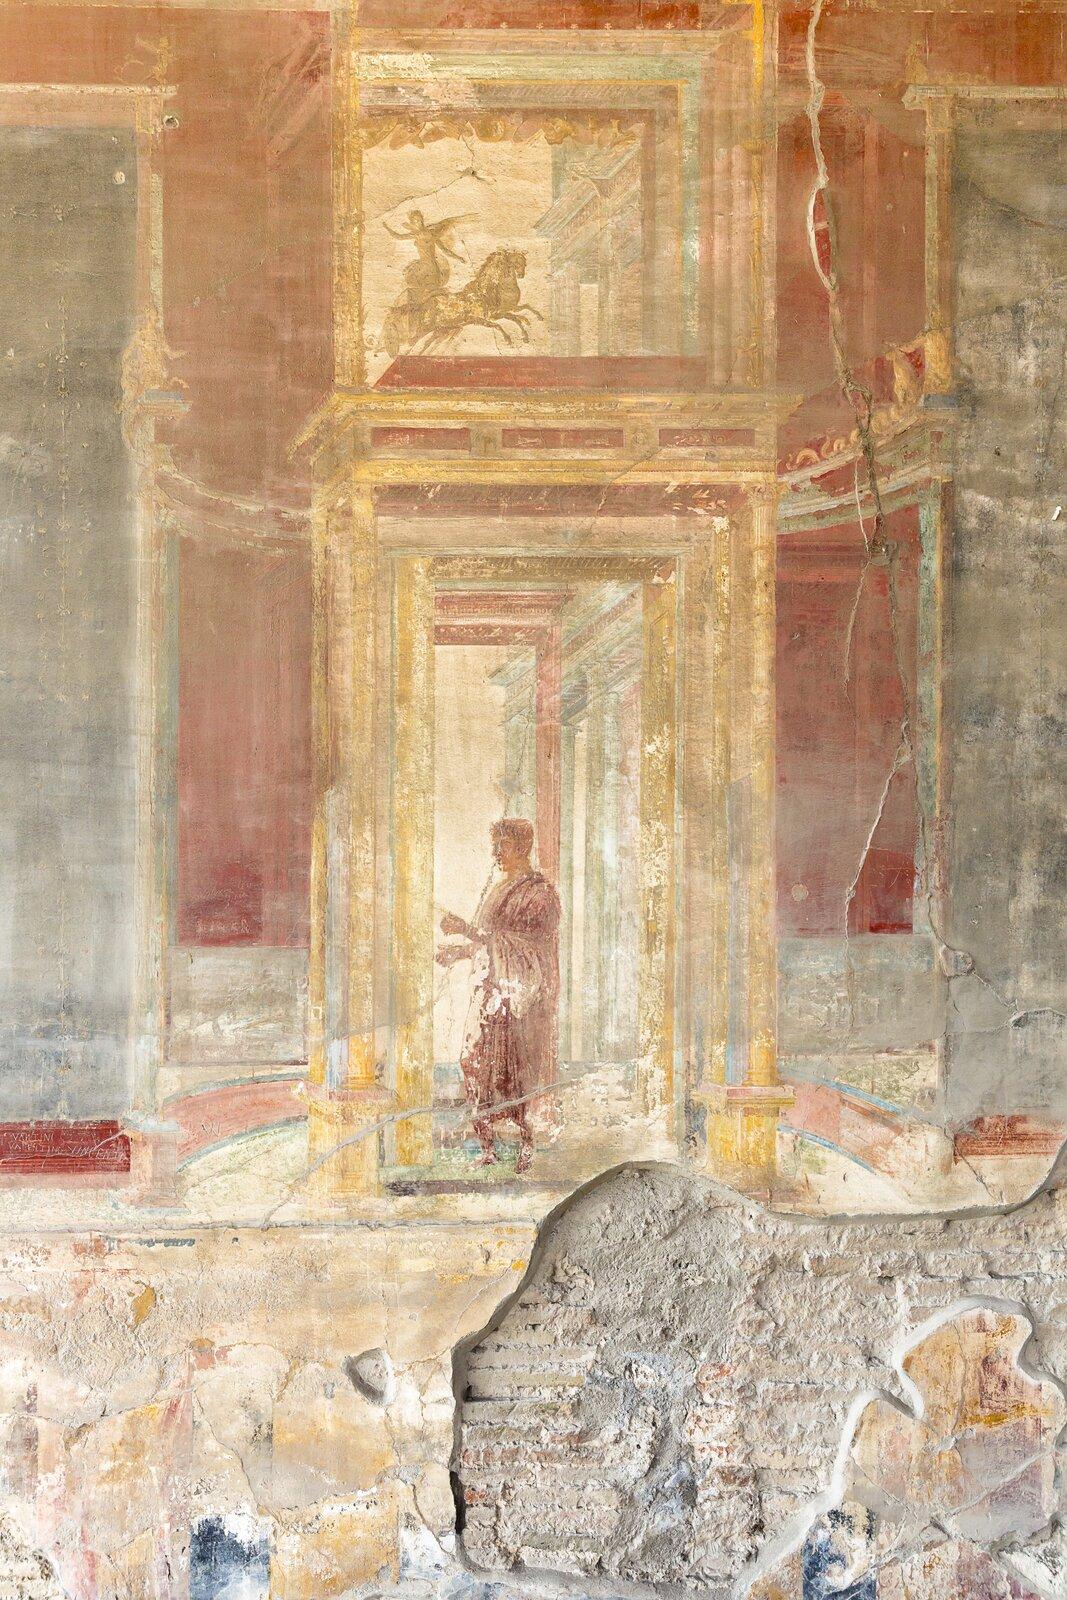 Kolorowa ilustracja przedstawia fresk ukazujący mężczyznę stojącego wdrzwiach. Ubrany jest wczerwoną szatę, stoi bokiem, wyciąga przed siebie ręce. Drzwi mają żółtą framugę; namalowane zostały na czerwonej ścianie. Nad drzwiami ukazane jest malowidło przedstawiające kobietę jadącą wpowozie zaprzężonym wdwa konie.